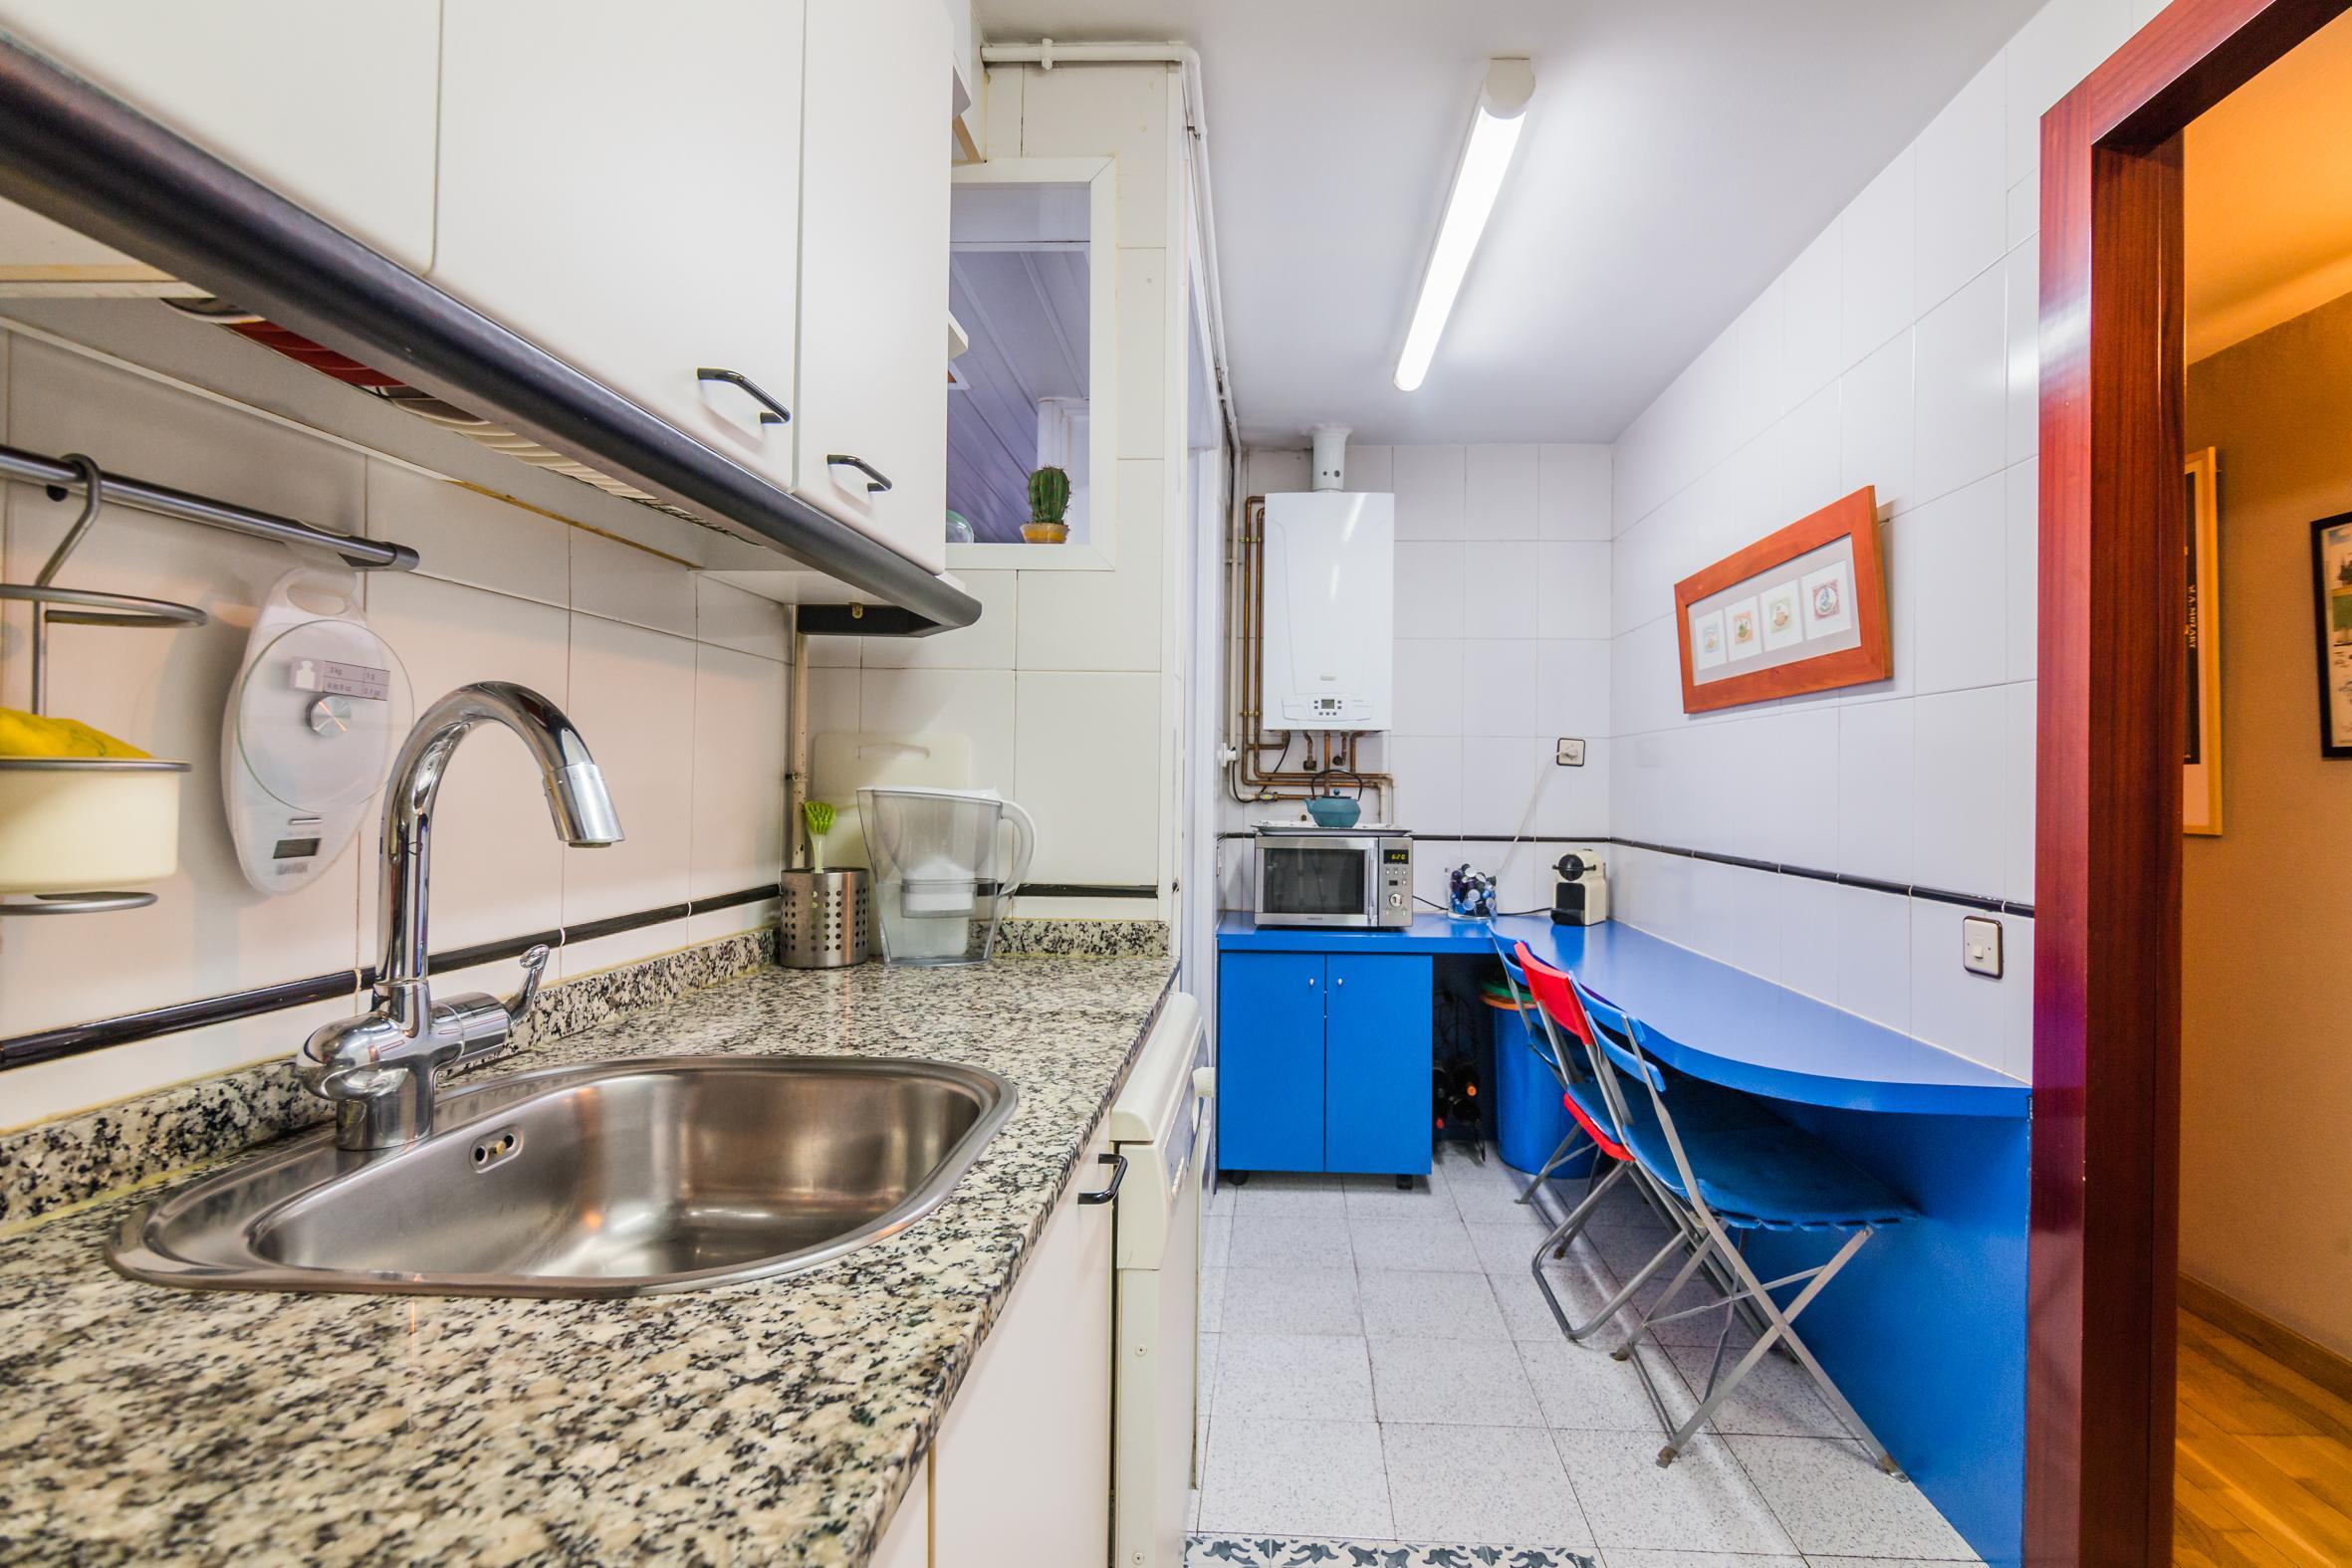 207314 Dúplex en venta en Gràcia, Vallcarca i els Penitents 16